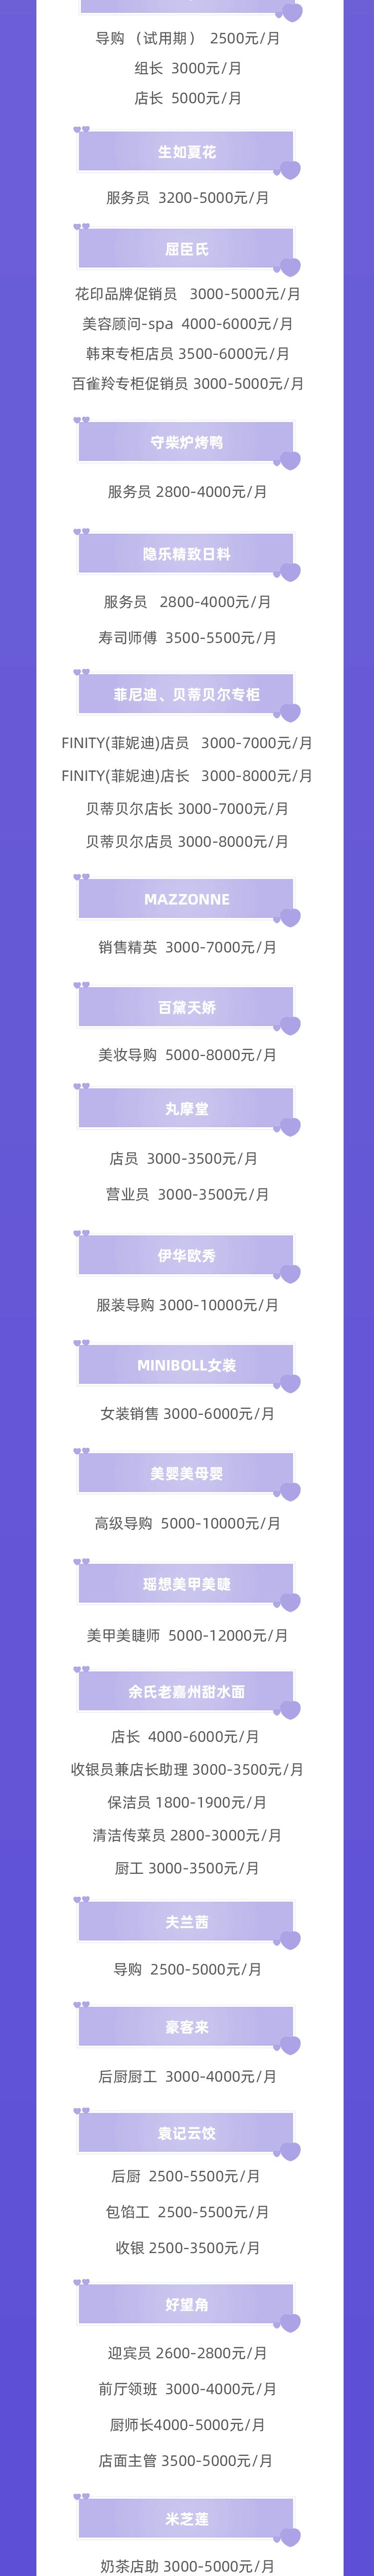 推文_03.png